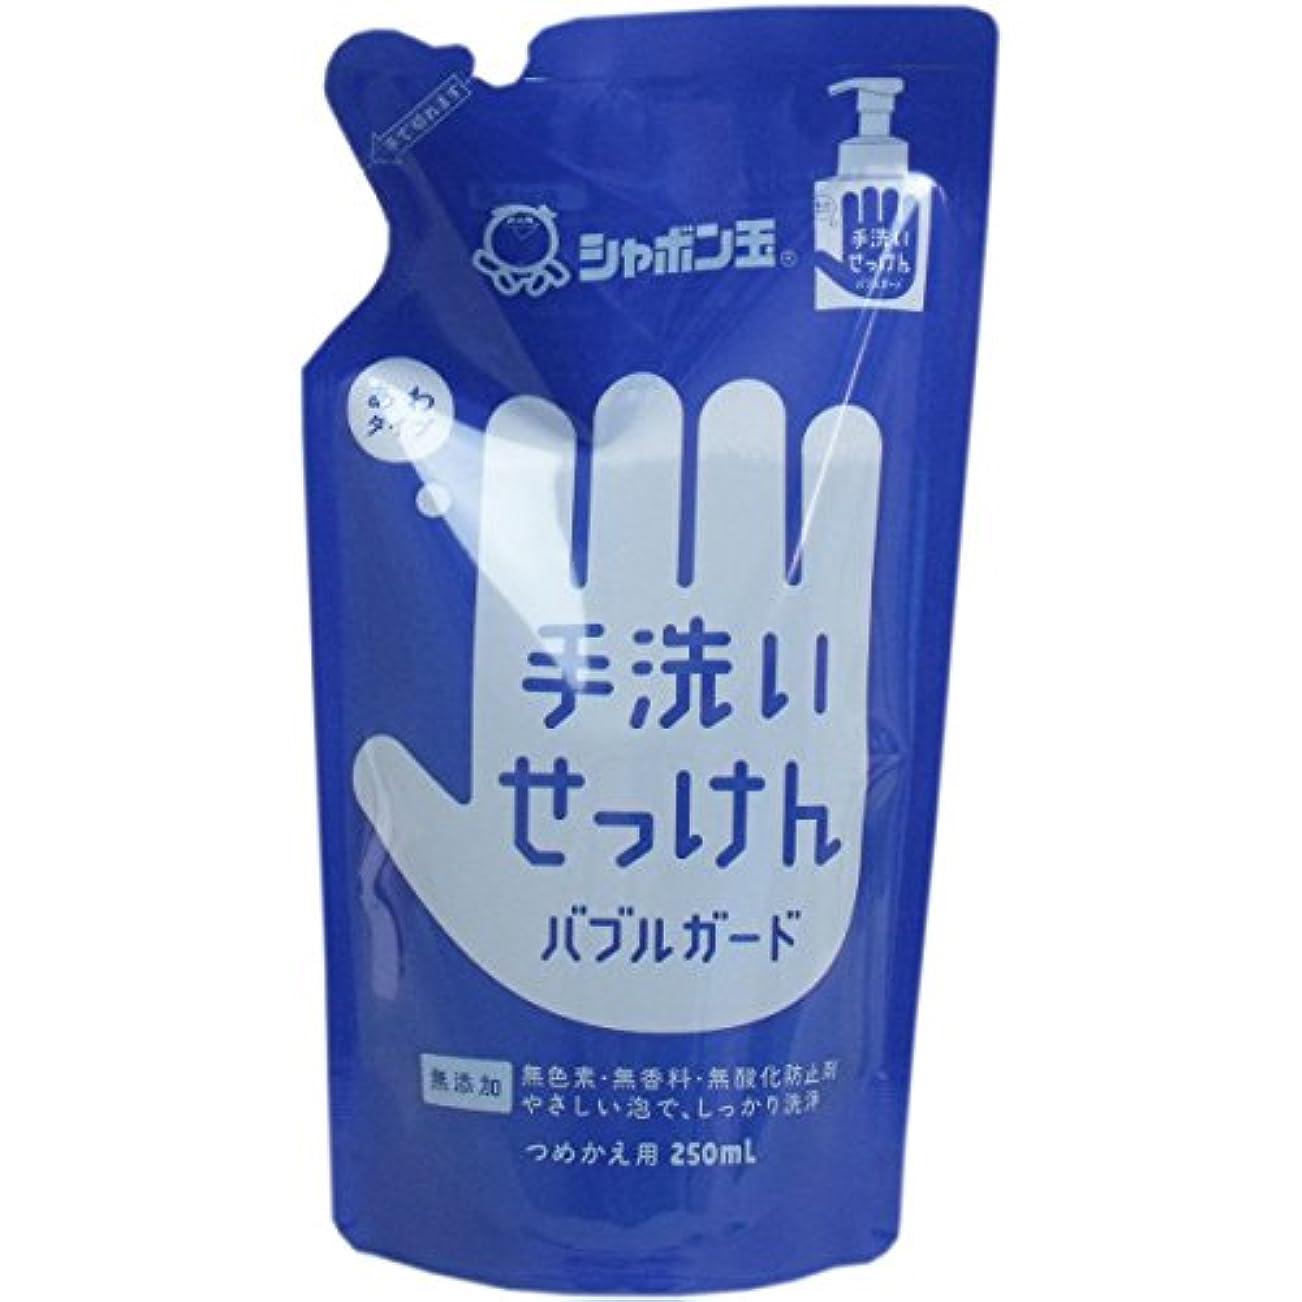 魔術師コレクションダメージ[シャボン玉石けん 1602809] (ケア商品)手洗いせっけん バブルガード 泡タイプ つめかえ用 250ml